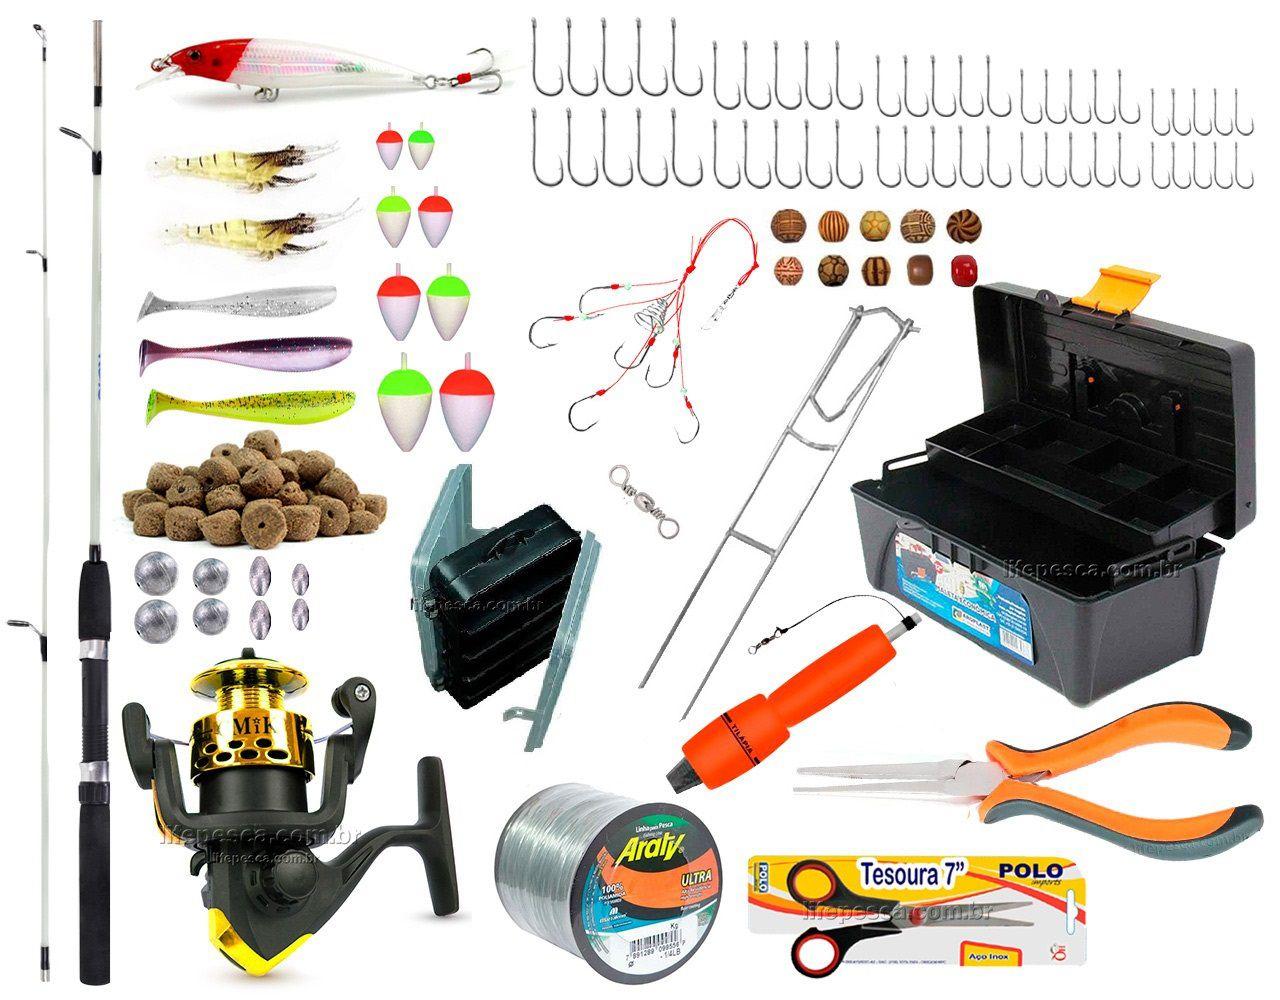 Kit De Pesca Completo 1 Vara 1 Molinete C/ Caixa de Pesca e Acessórios (Ref. 05)